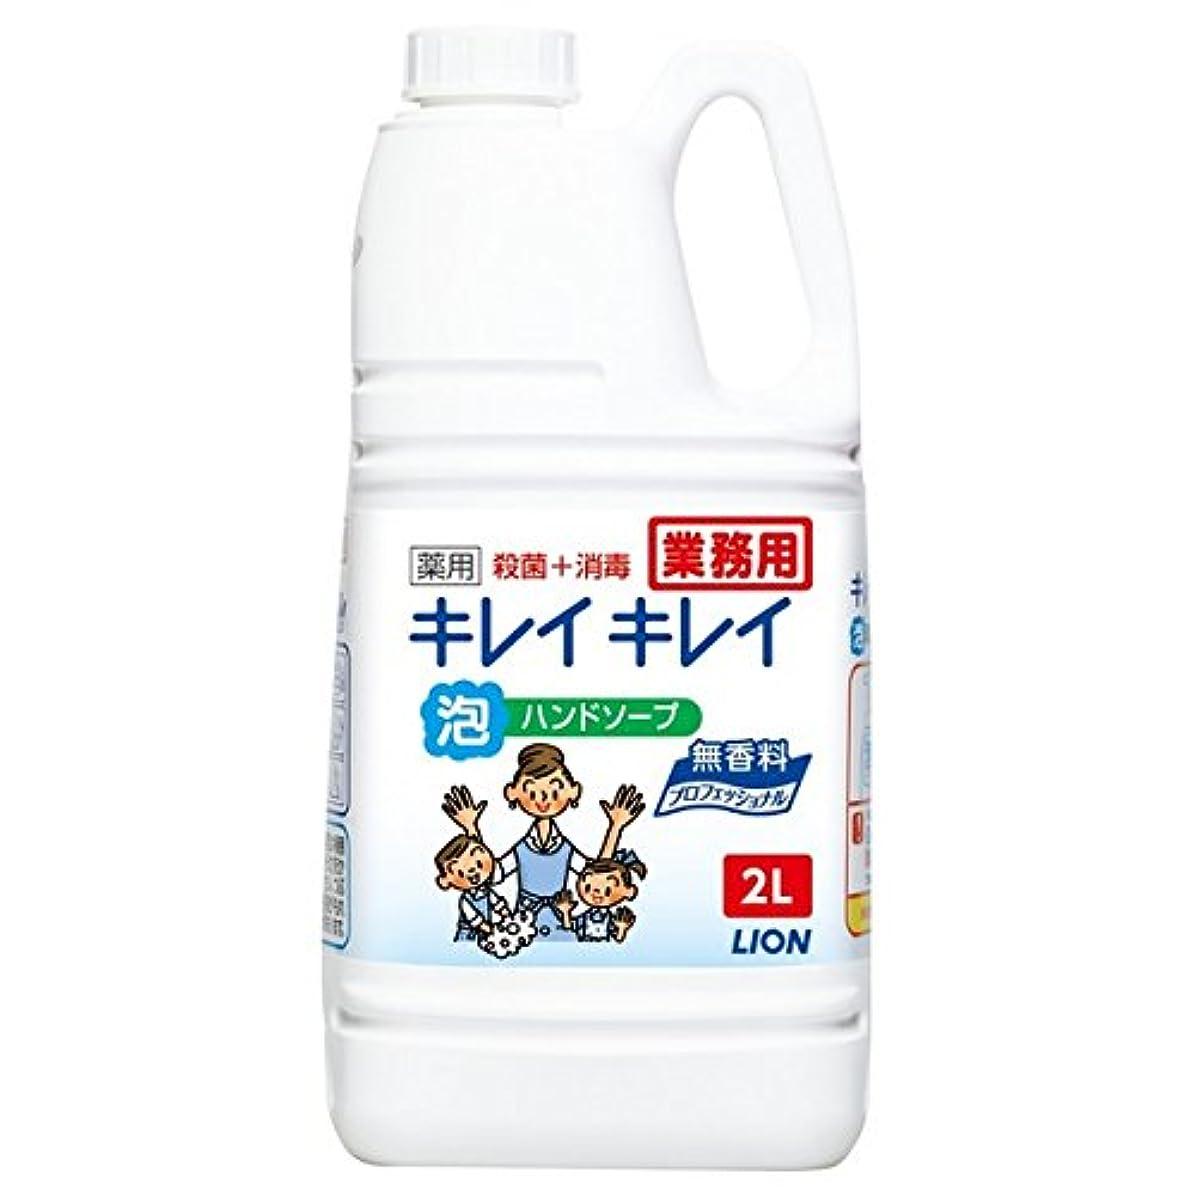 タイルカウントアップ枯渇ライオン キレイキレイ薬用泡ハンドソープ 無香料 2L×6本入